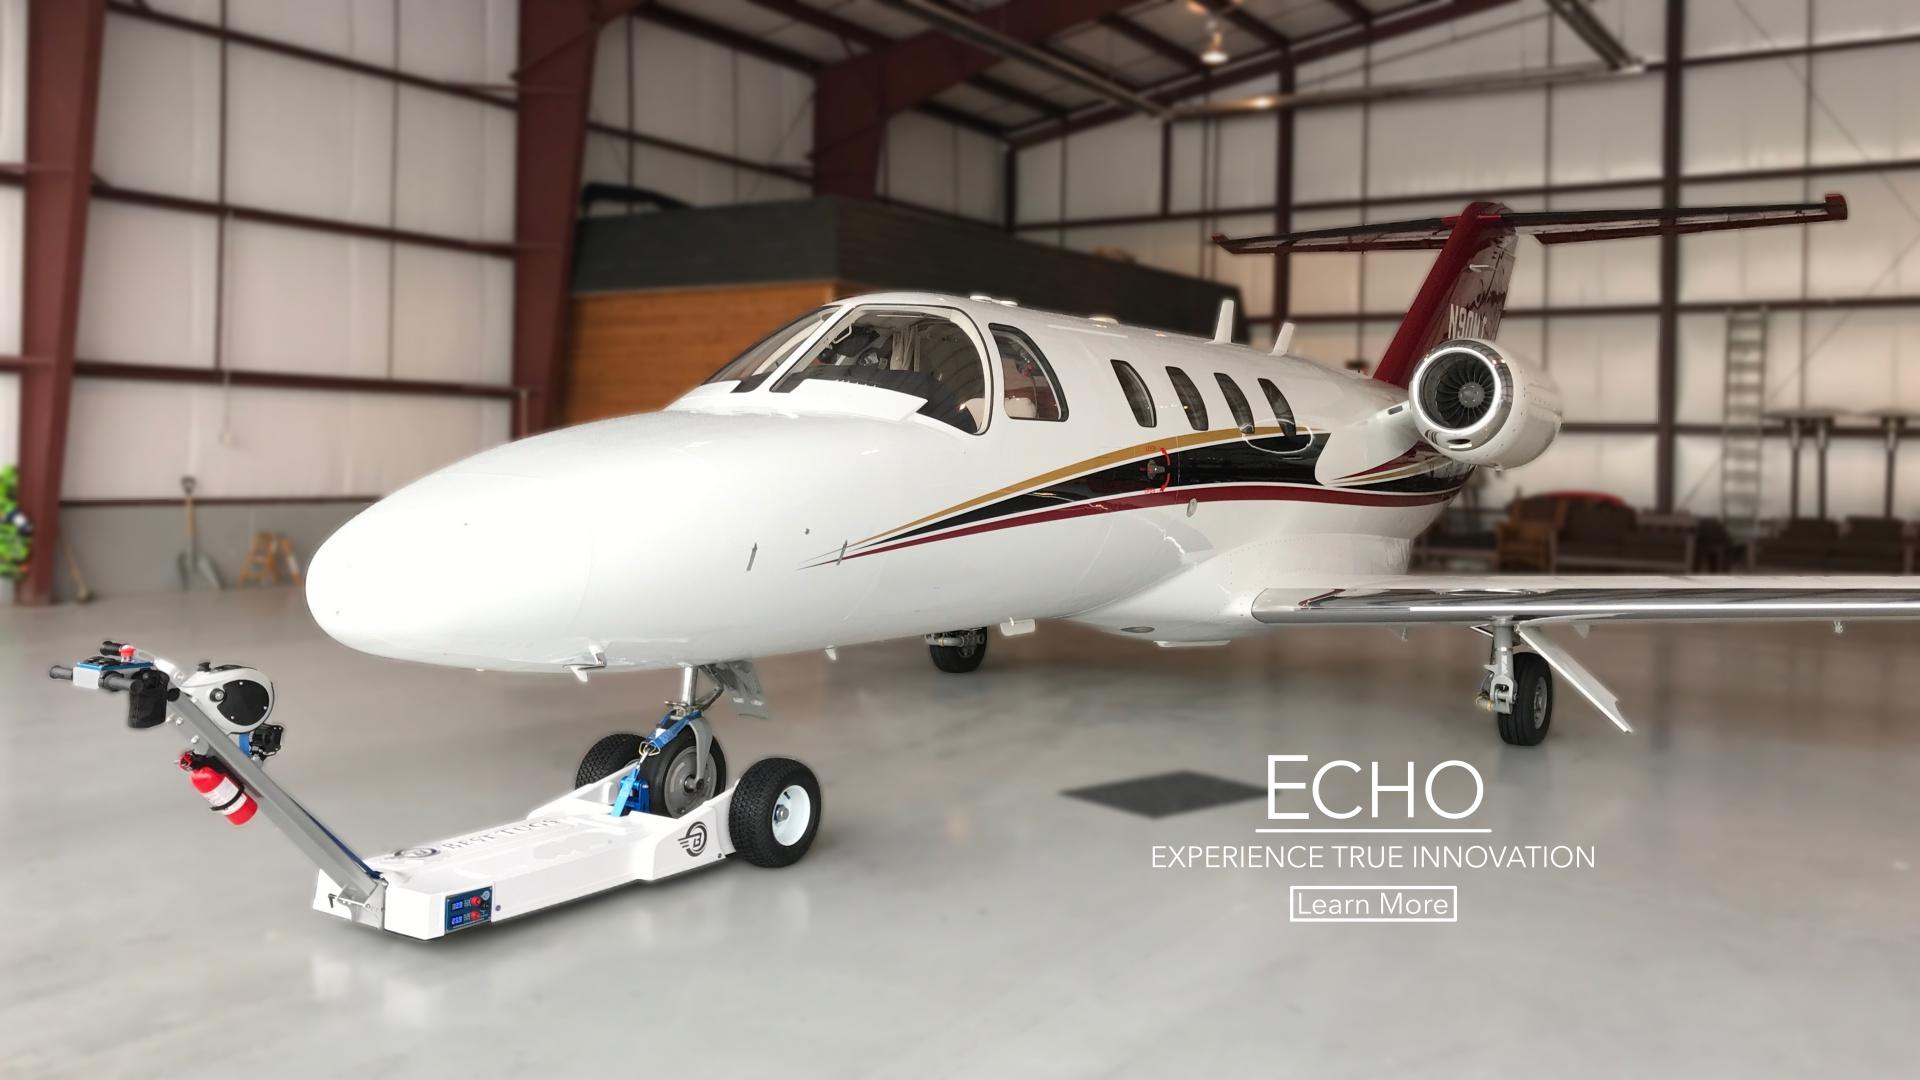 Cessna Echo.png